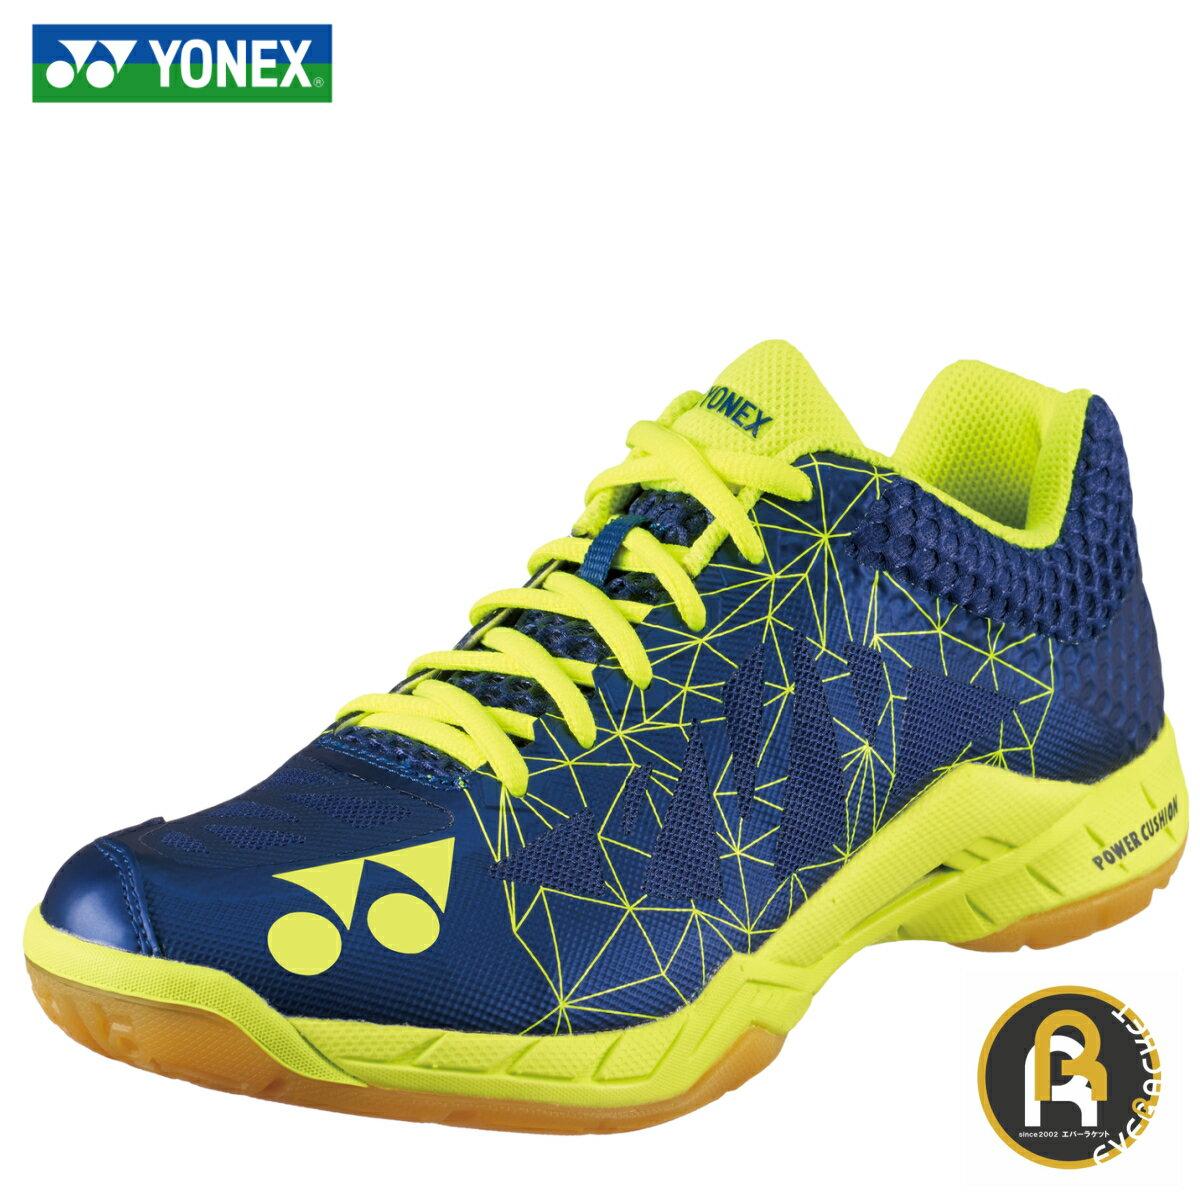 【特価商品】YONEX ヨネックス バドミントン バドミントンシューズ パワークッションエアラス2メン SHBA2M